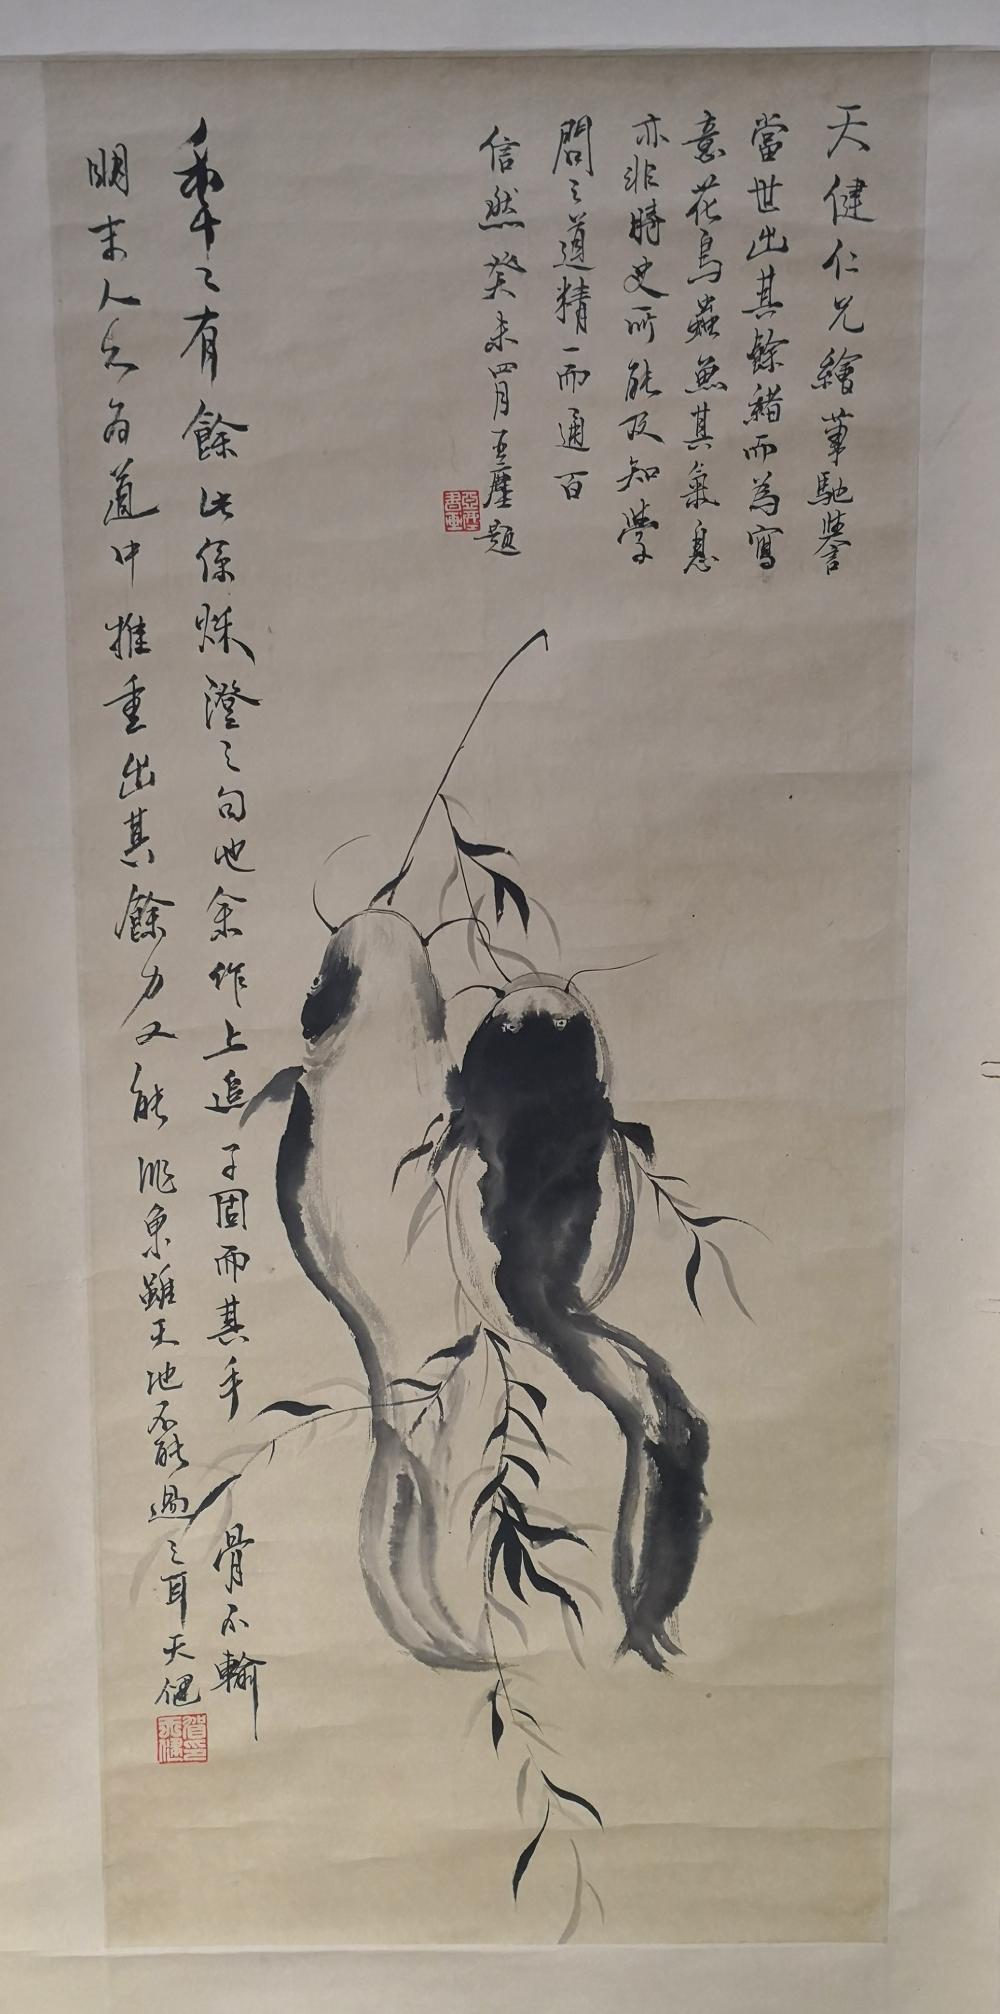 A CHINESE PAINTING BY HE TIANJIAN; WANG YACHEN